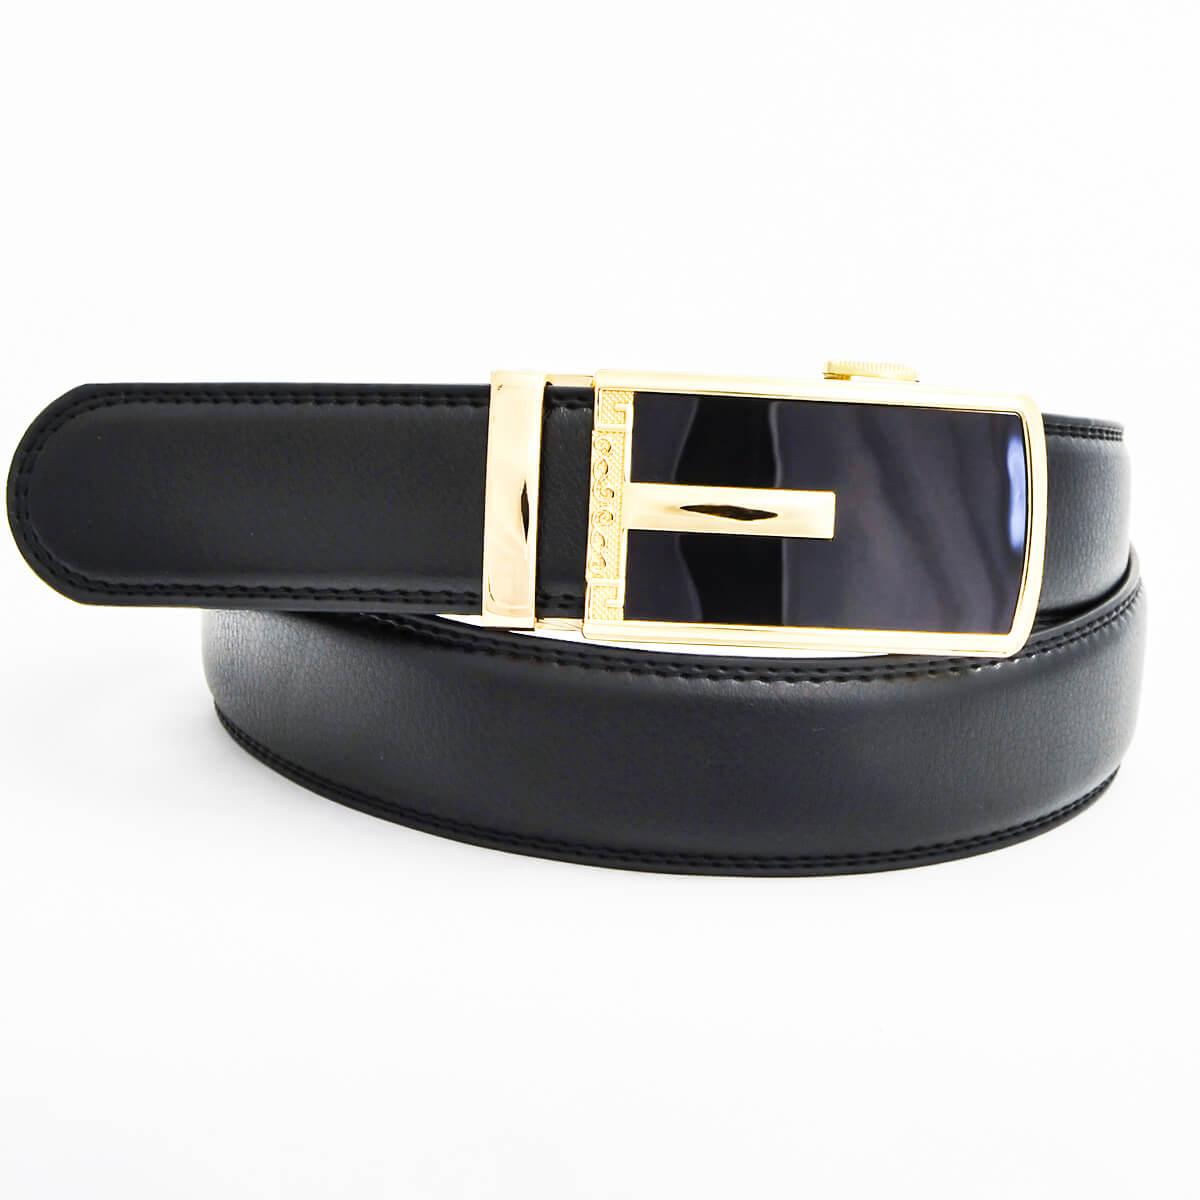 Pánsky kožený opasok - čierny vzor 5, veľkosť 52 (dĺžka 130 cm)